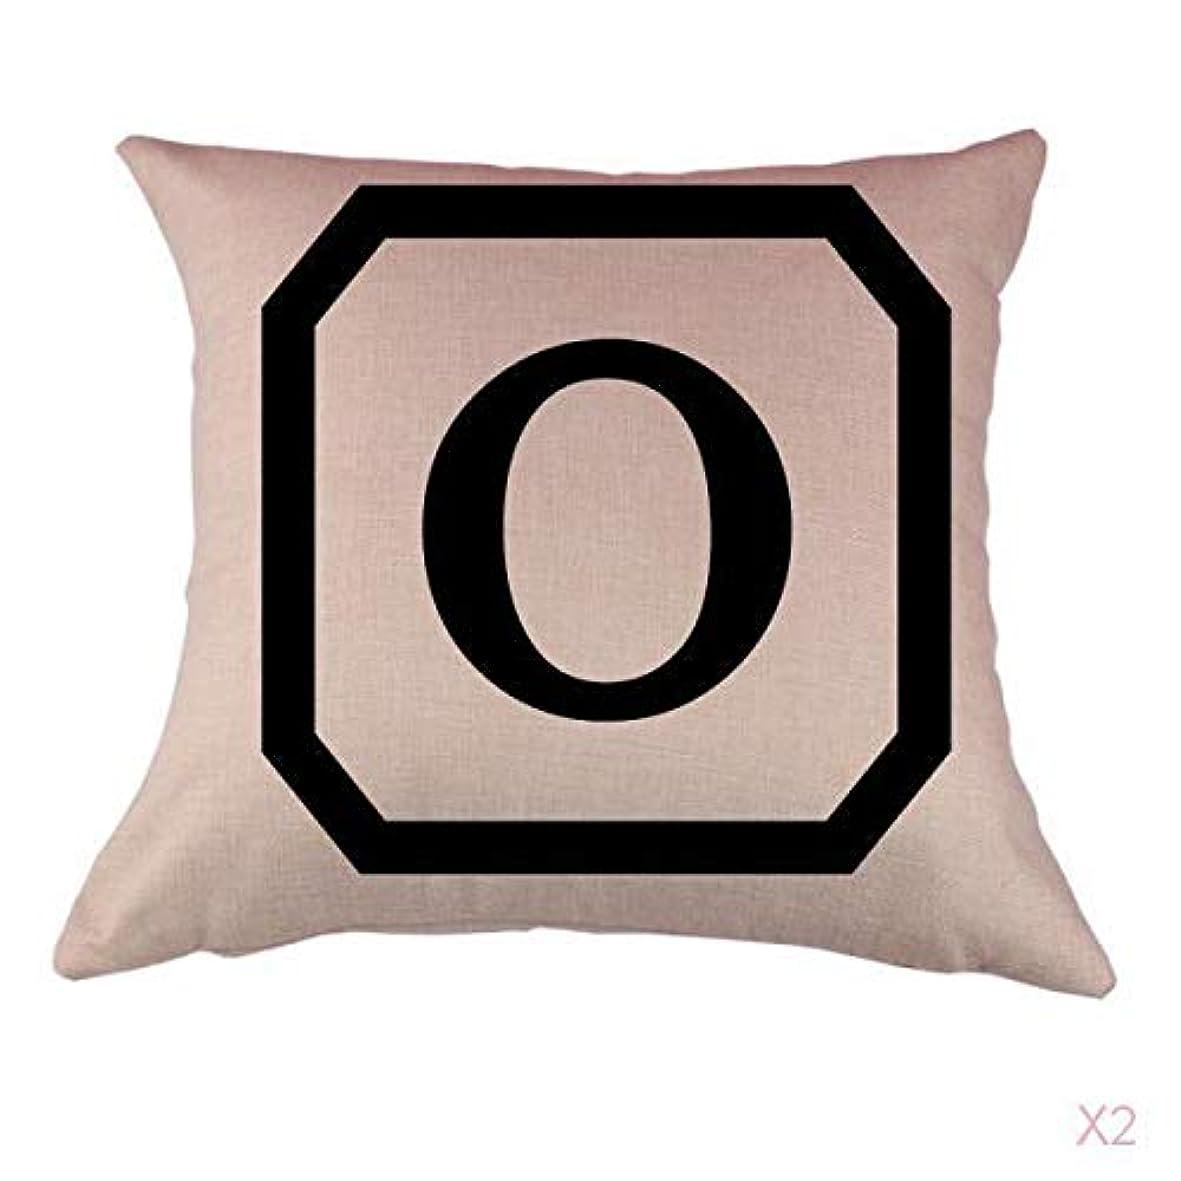 不変意識的もっともらしいコットンリネンスロー枕カバークッションカバー家の装飾、初期アルファベットのO